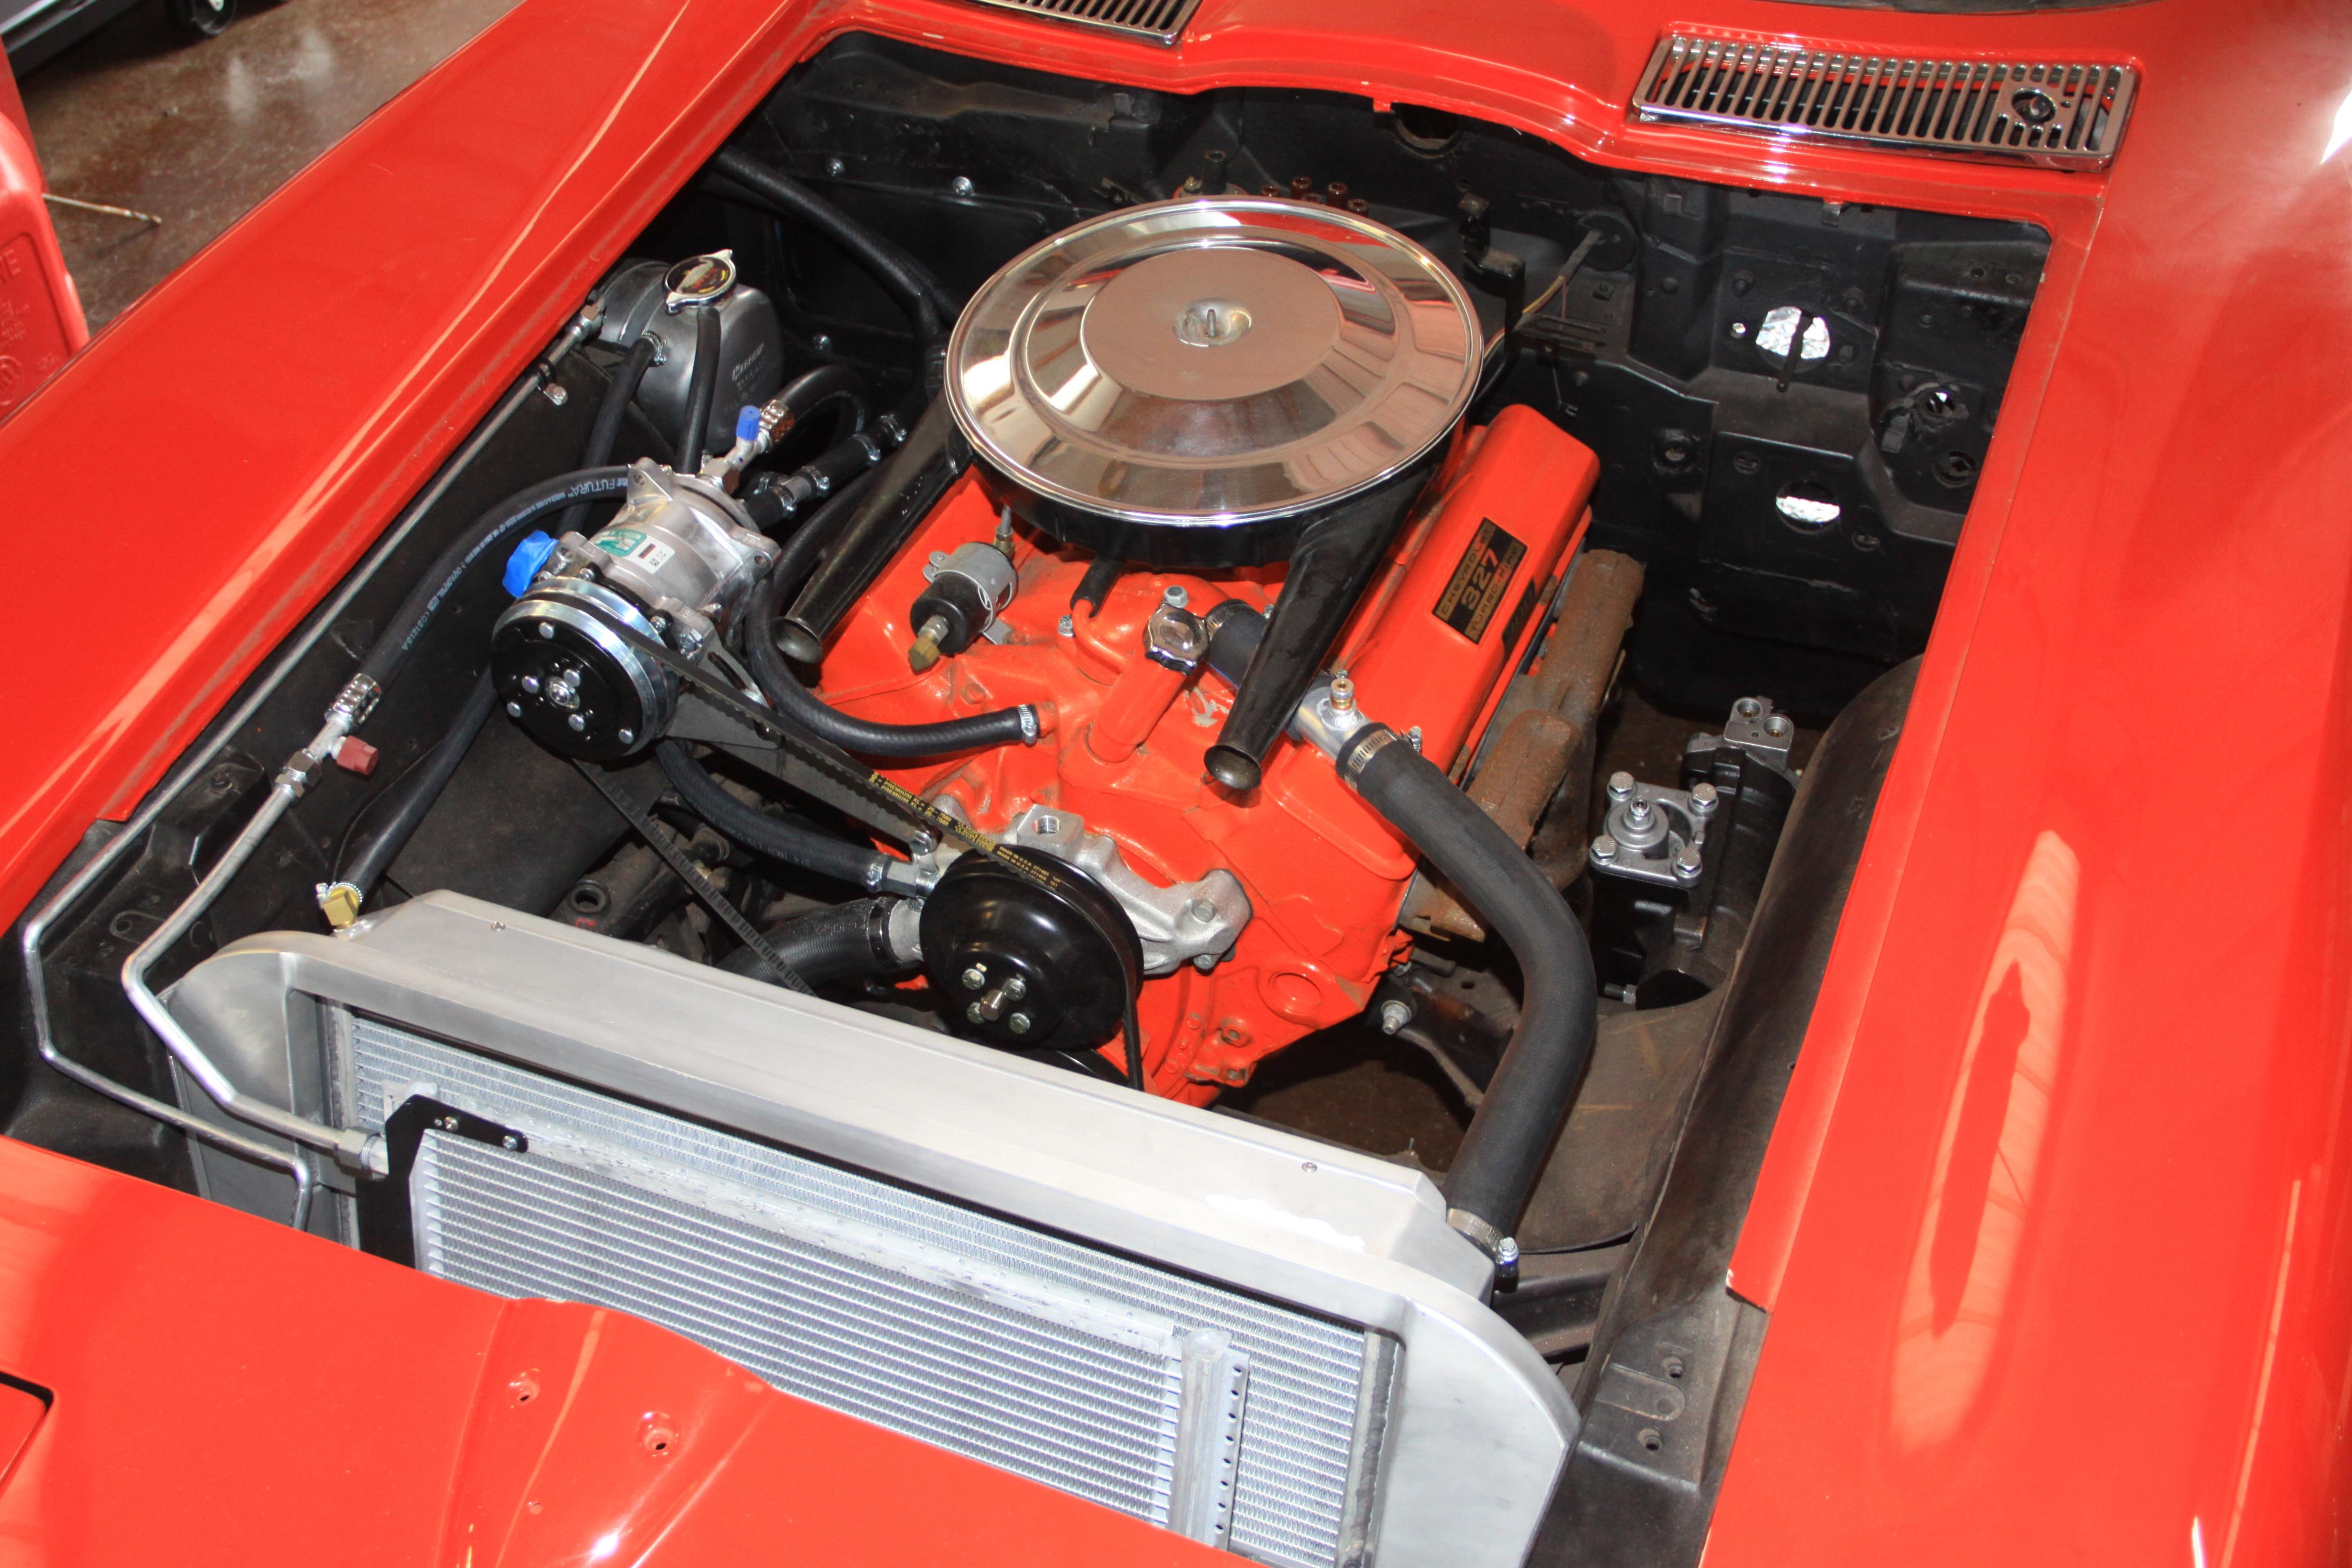 NOS 63 64 65 VETTE RADIATOR CORE UPPER SUPPORT BRACKET rounded edges